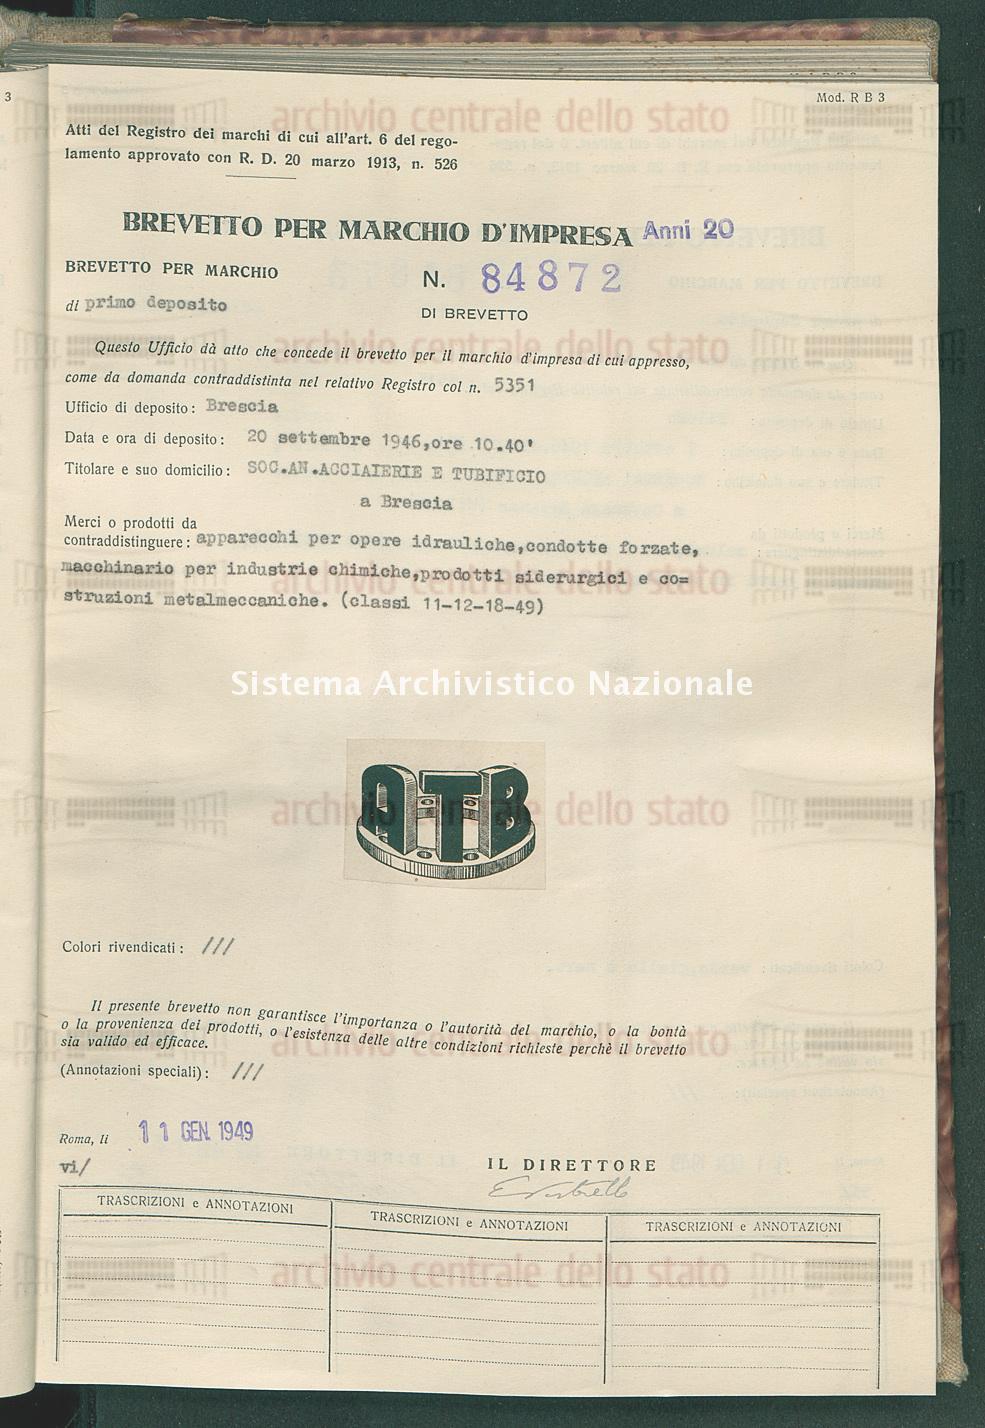 Apparecchi per opere idrauliche, condotte forzate, macchinario per ind Soc.An.Acciaierie E Tubificio (11/01/1949)